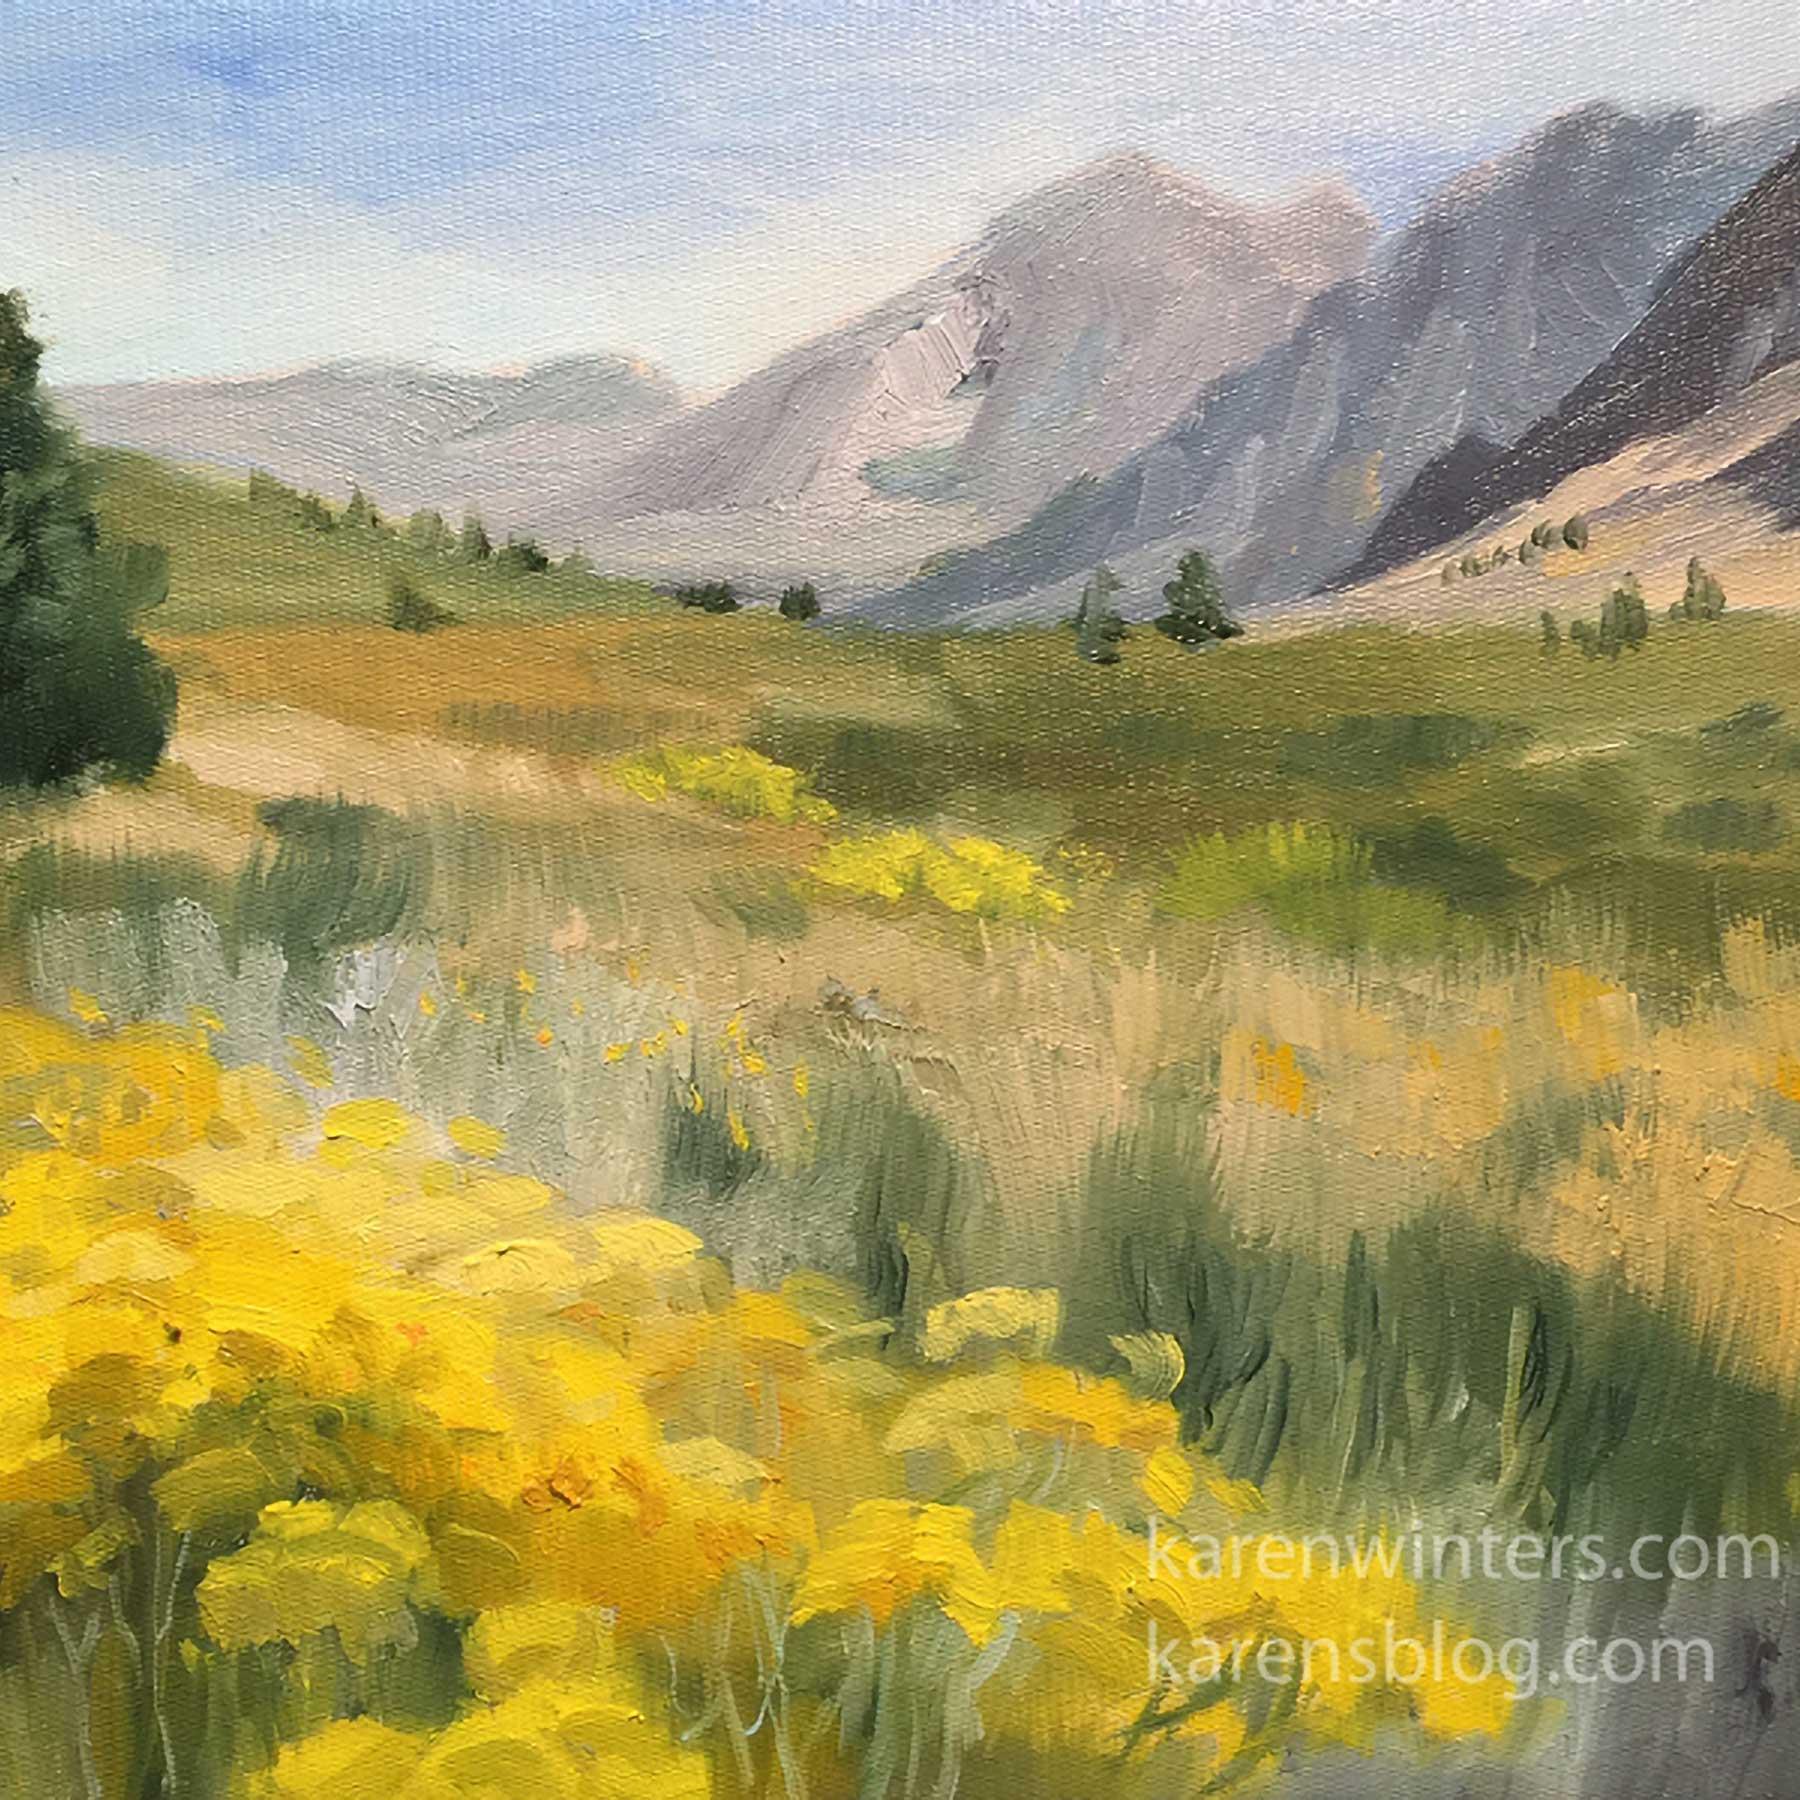 Karen Winters Art